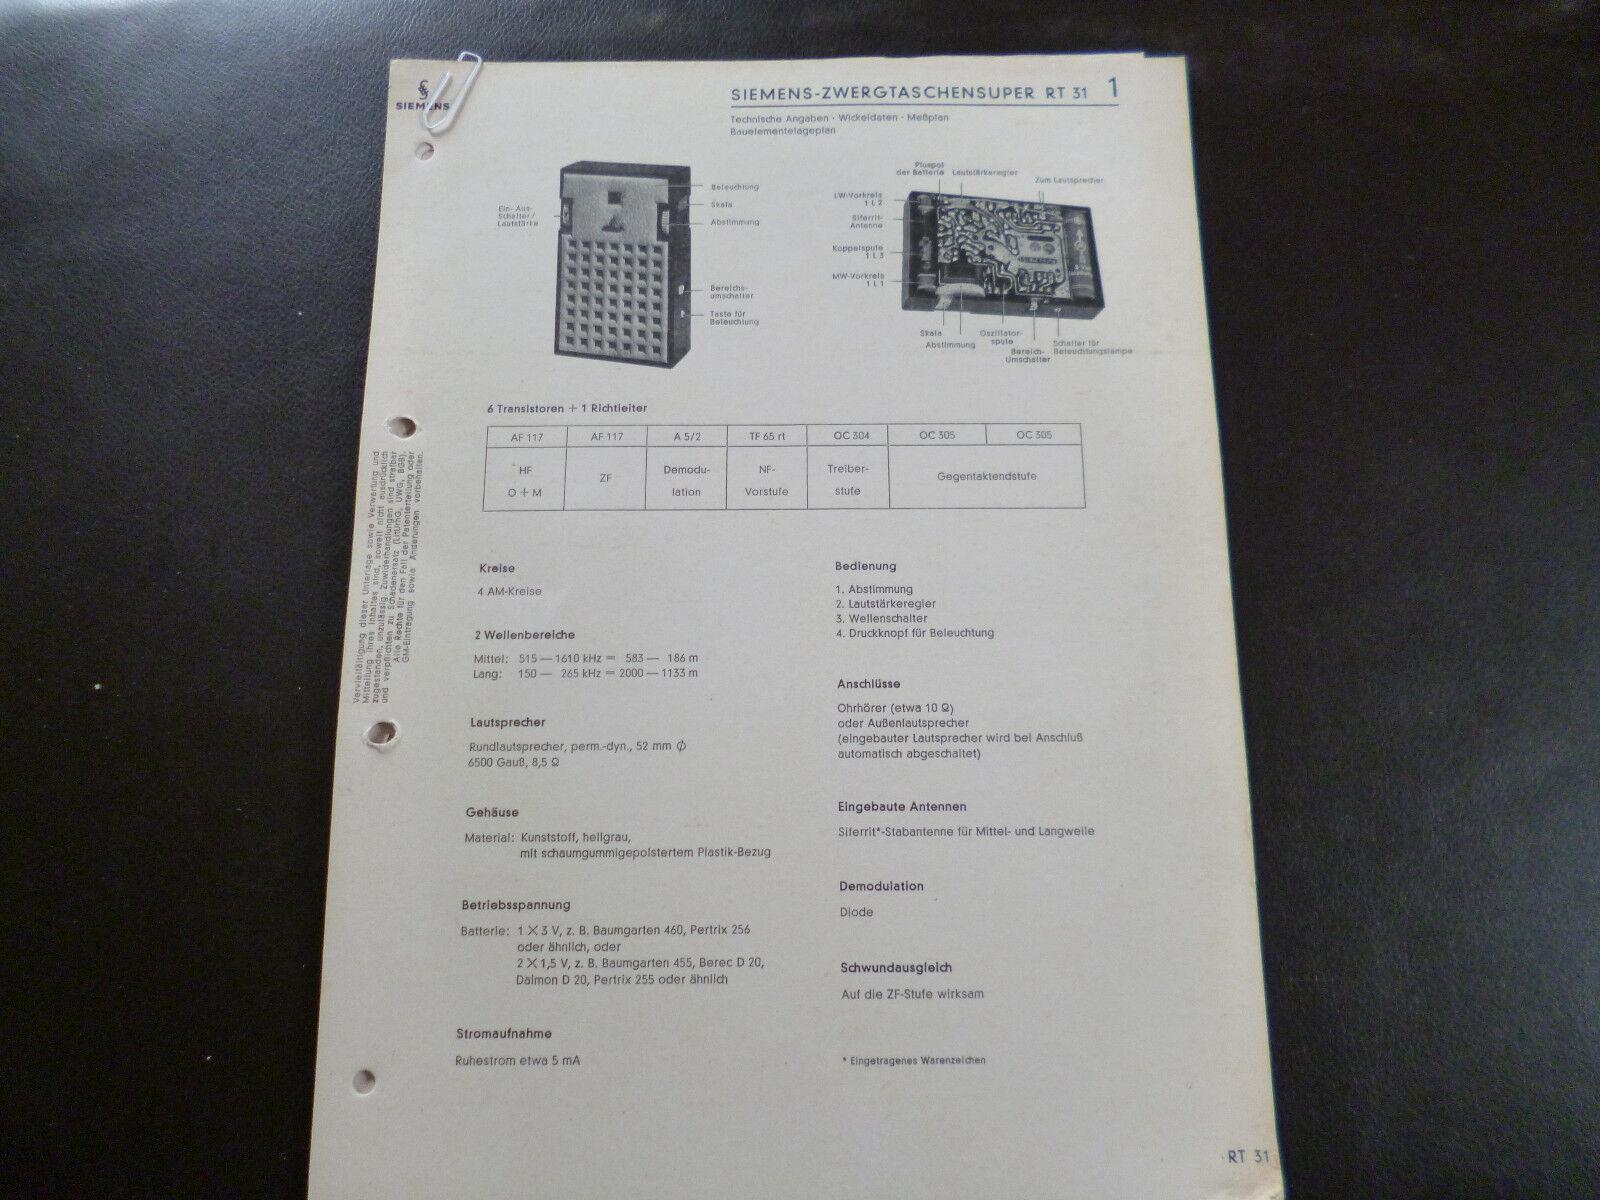 Original Service Manual Siemens Zwergtaschensuper RT 31